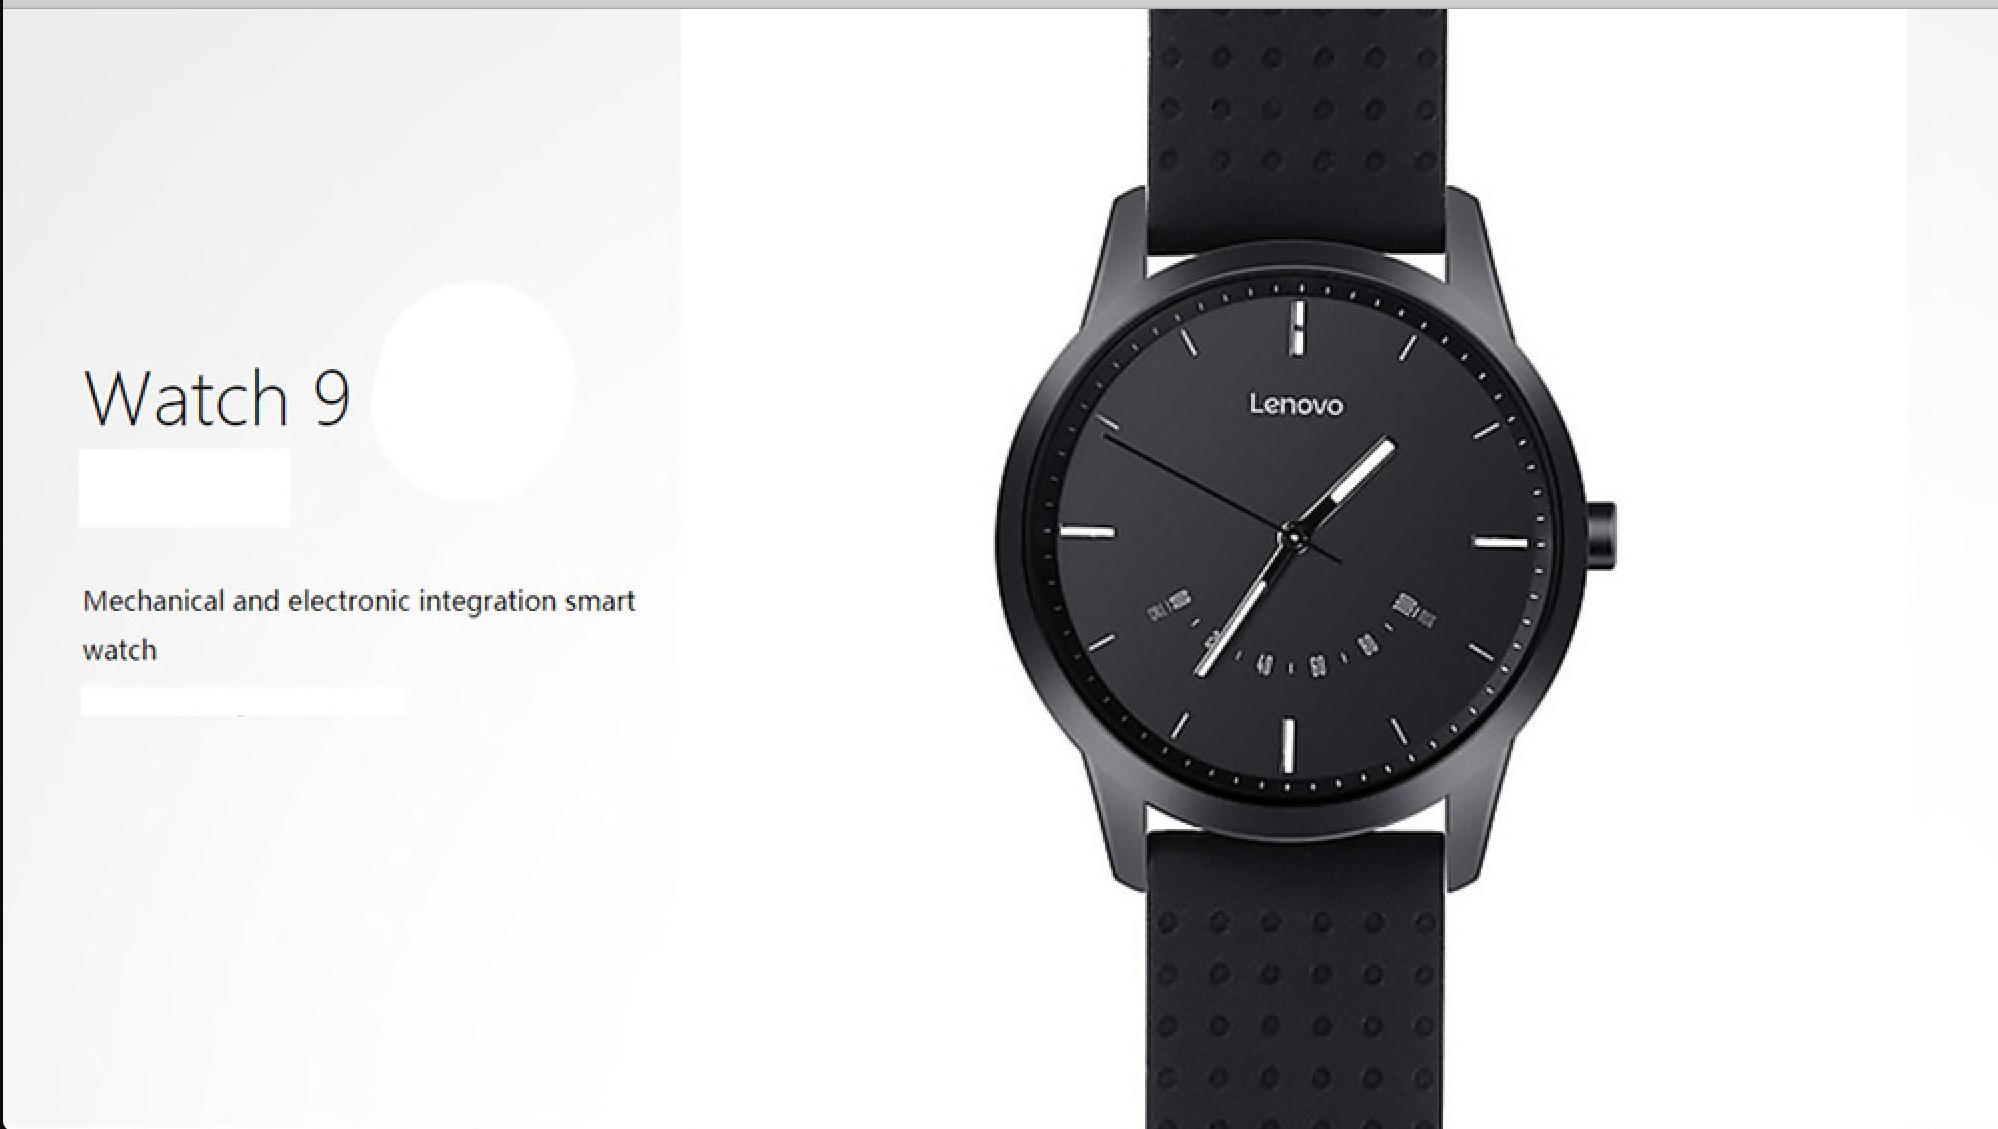 Gearbest: Slevový kupón na chytré hodinky Lenovo Watch 9, jen pro 10 z vás! [sponzorovaný článek]